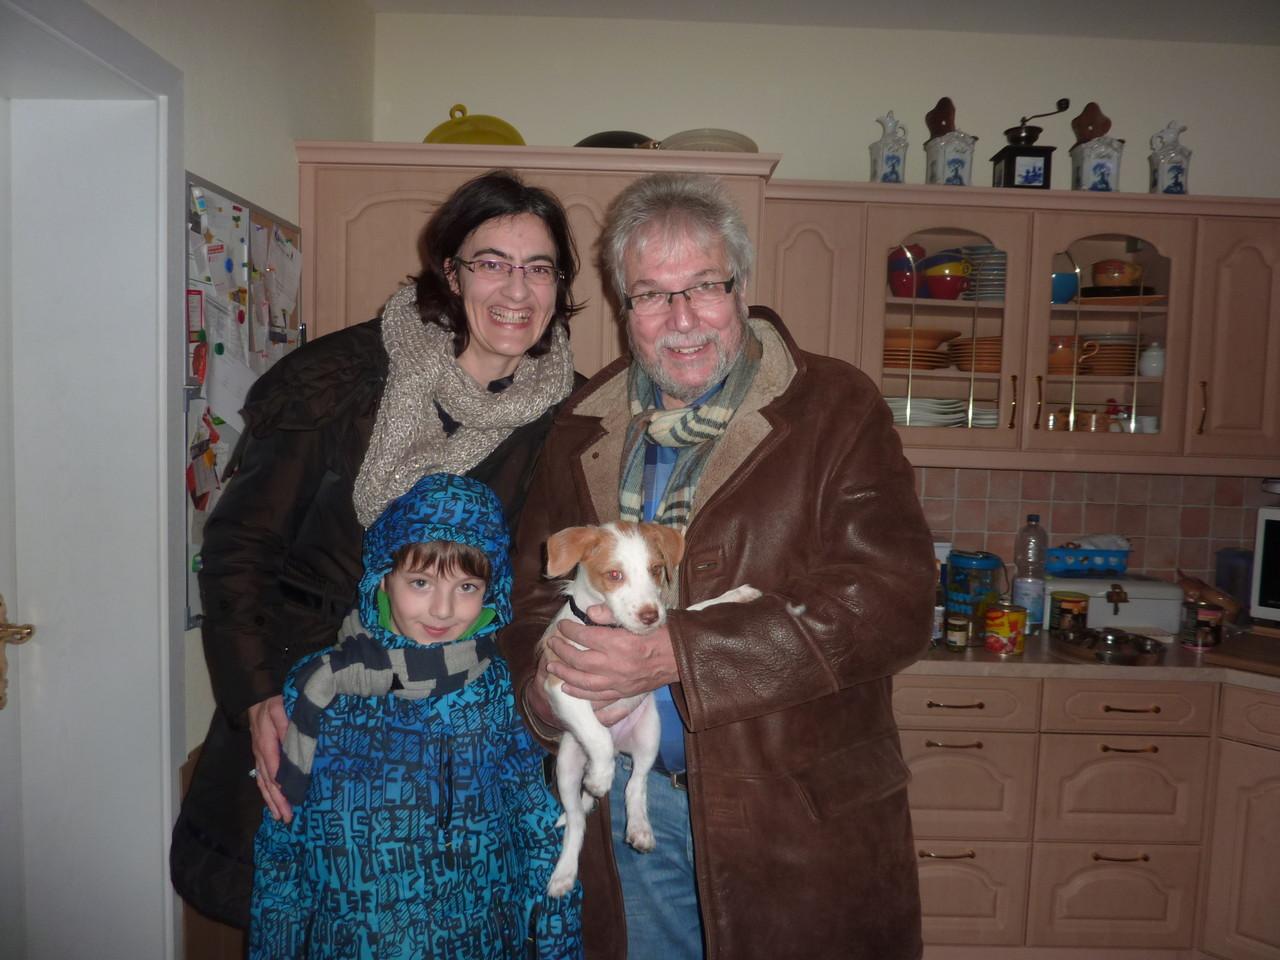 Anton's neue Familie aus Dortmund